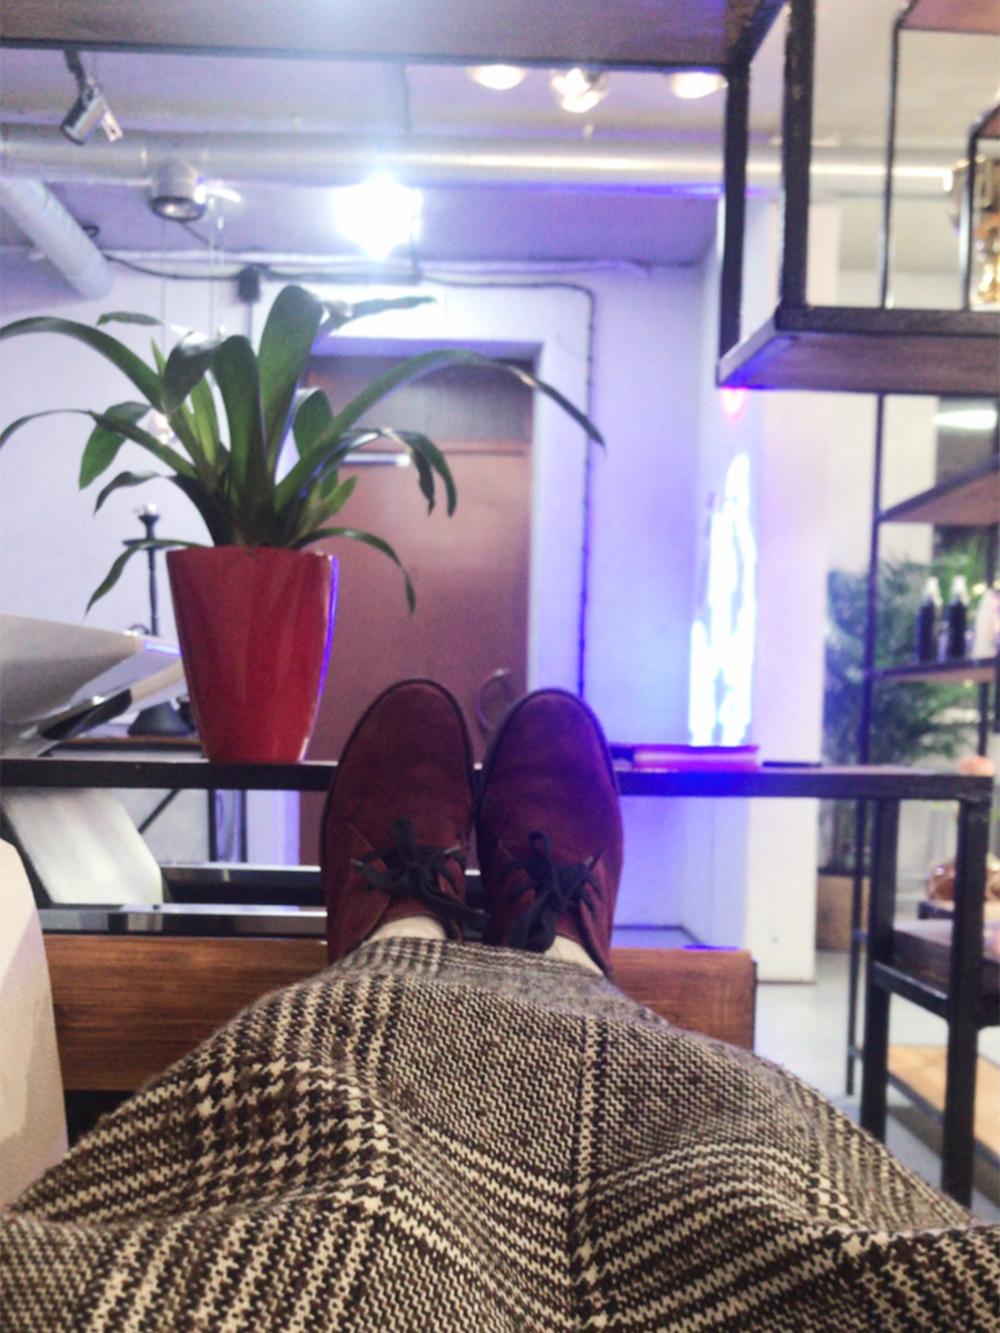 Я люблю работать по ночам в студии одна. Пока жду клиента, могу спокойно отдыхать на диване